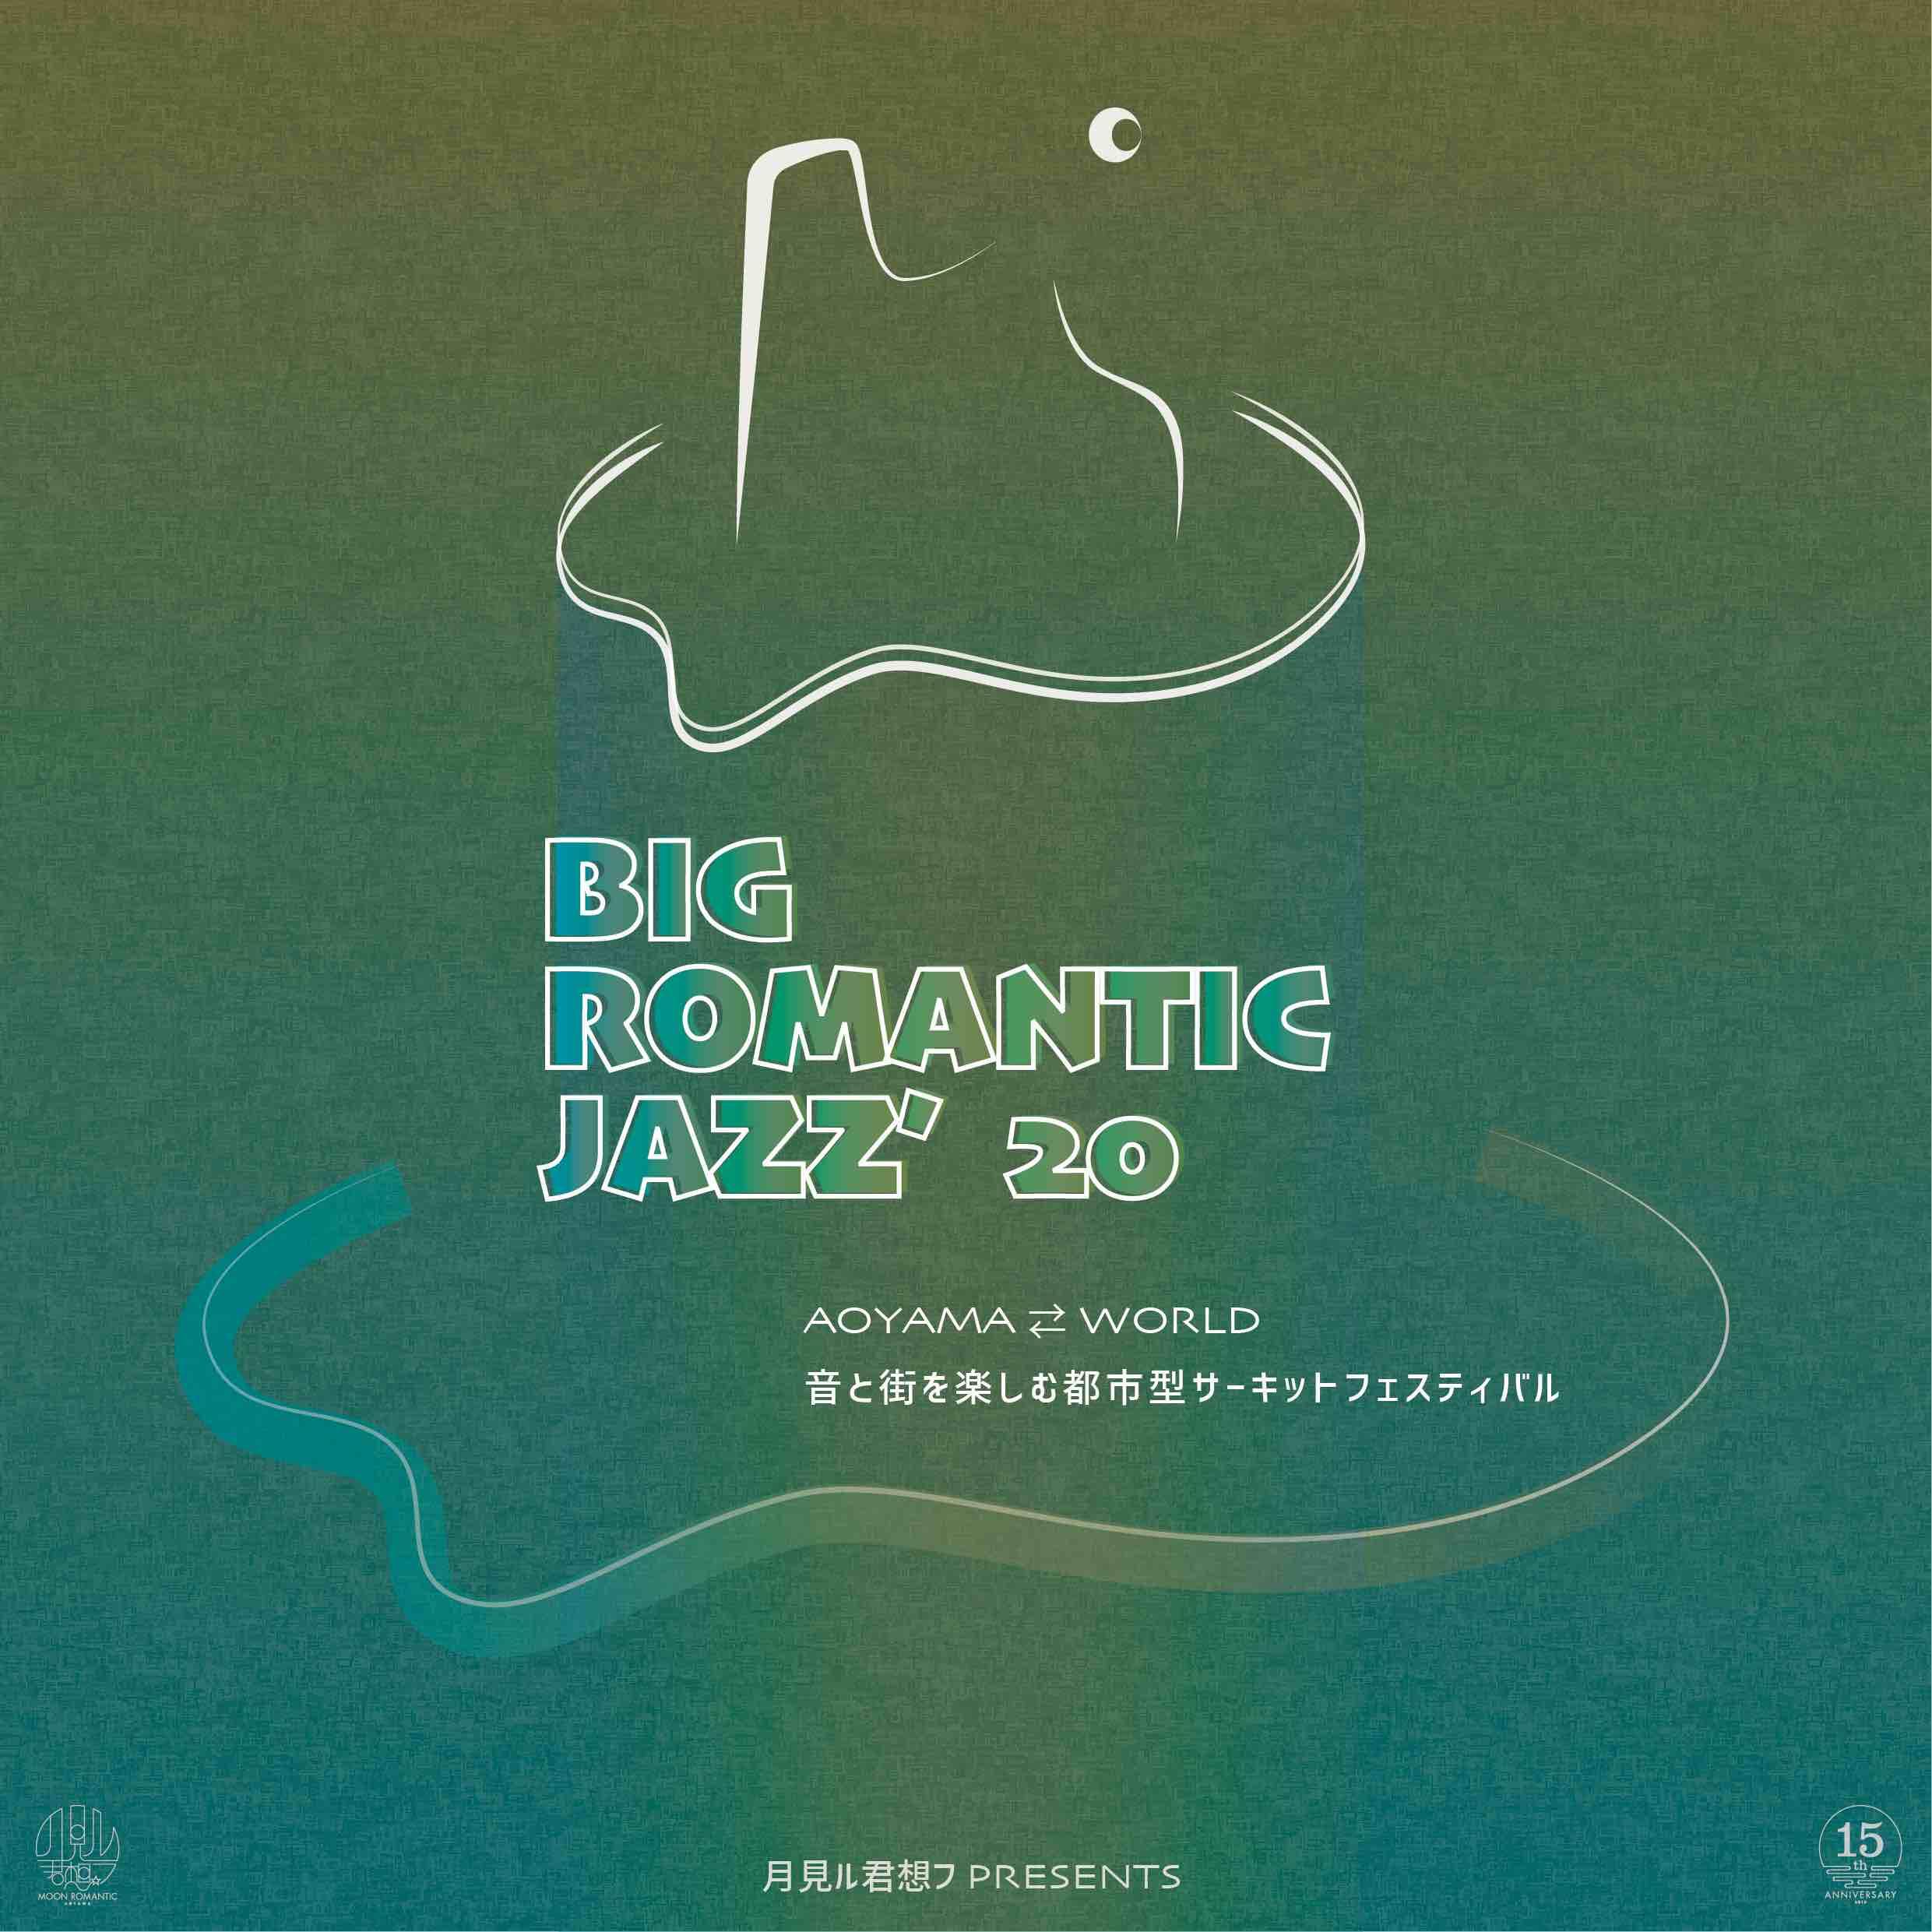 Big Romantic Jazz #1 「Rob Araujo x Kan Sano」